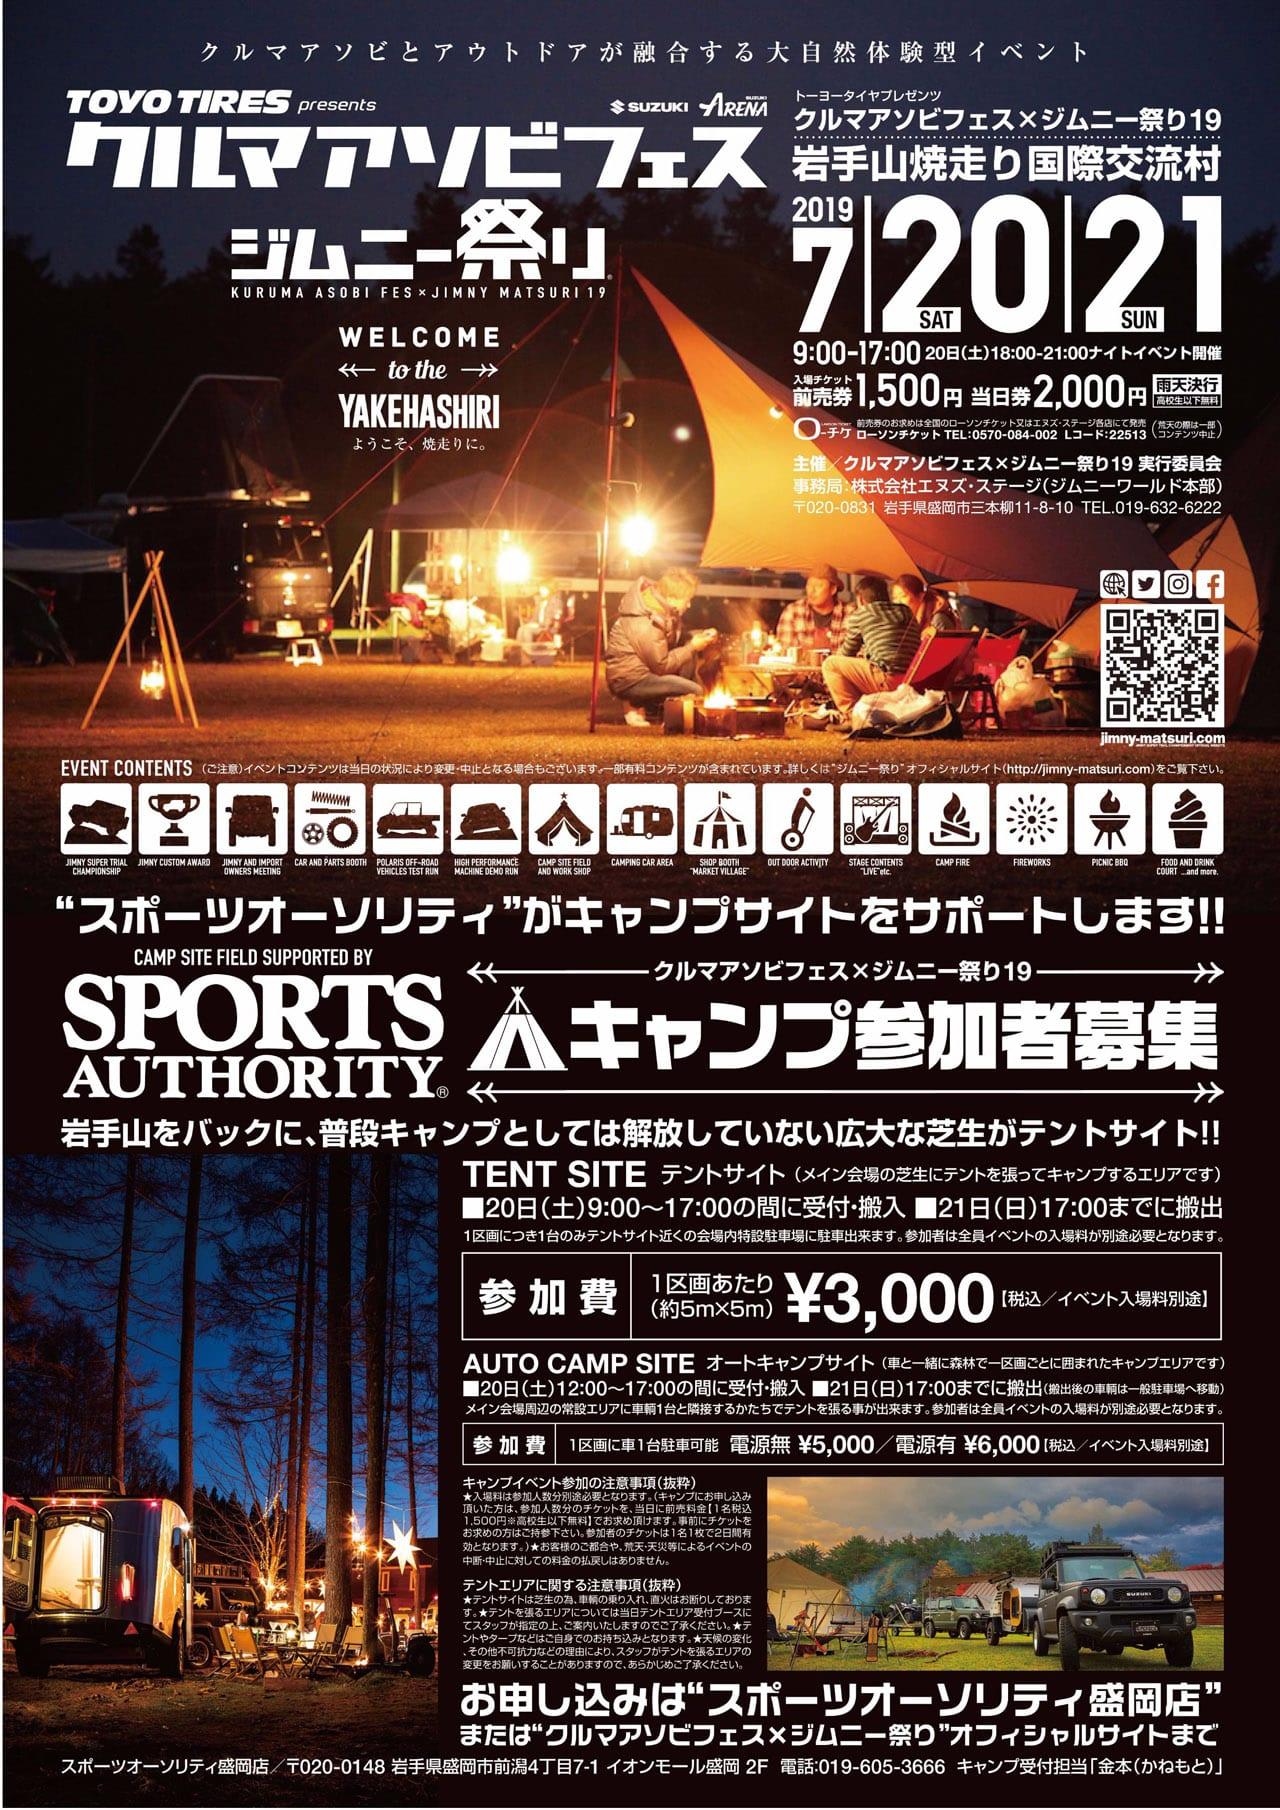 まだ間に合う! ナイトイベントまで2デイズをフルに楽しむなら! ジムニー祭りでキャンプ! in 岩手山焼走り国際交流村